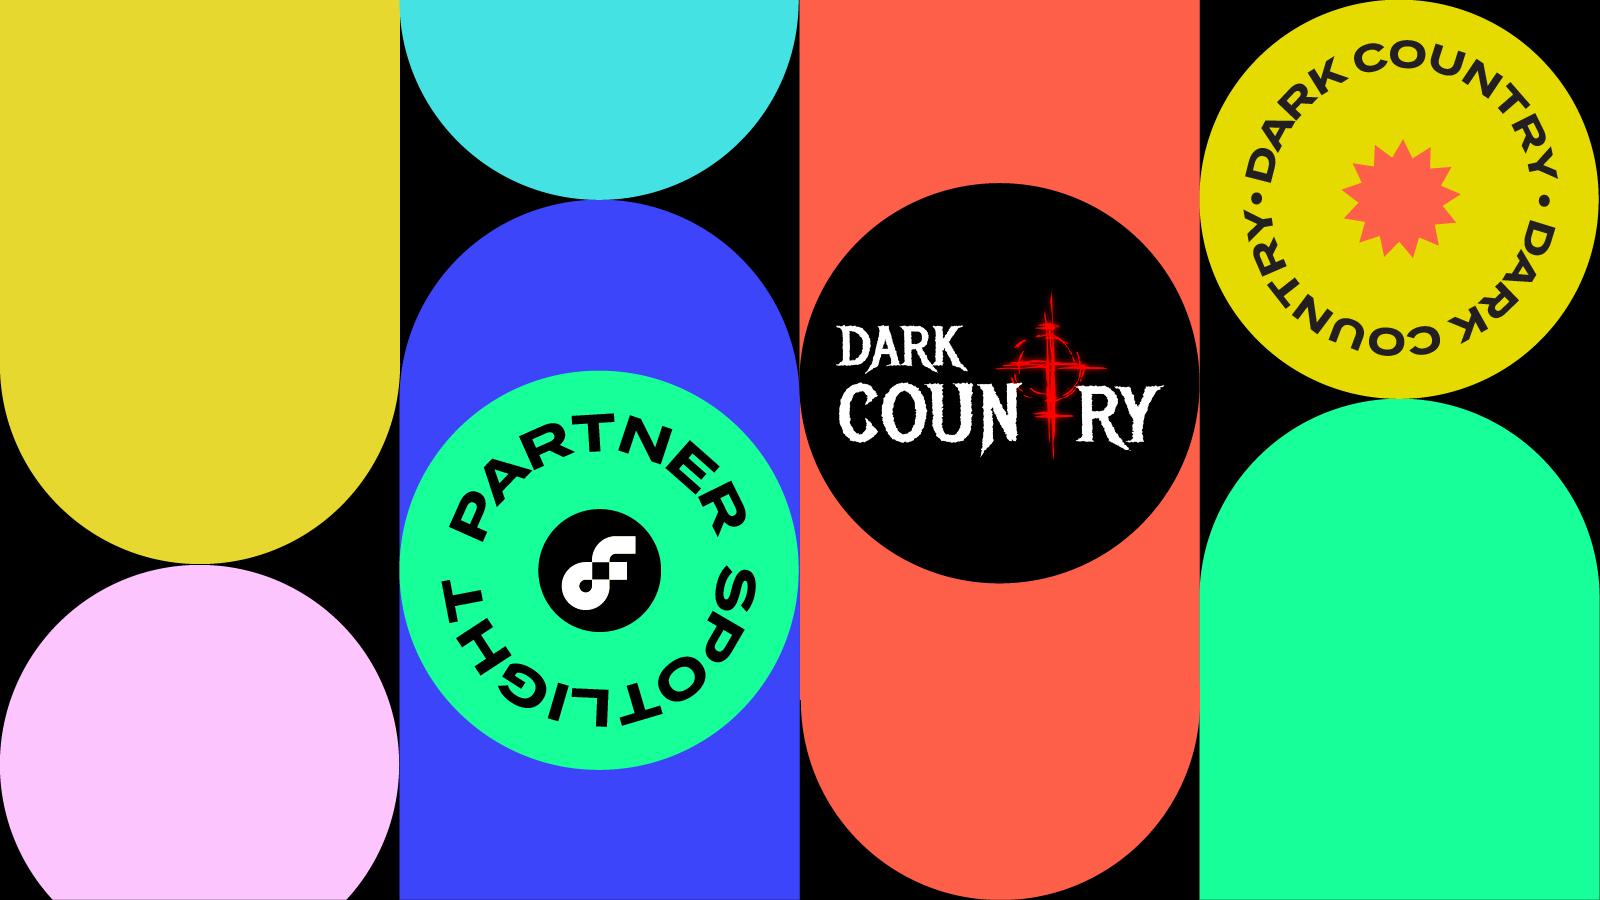 Partner Spotlight: Dark Country